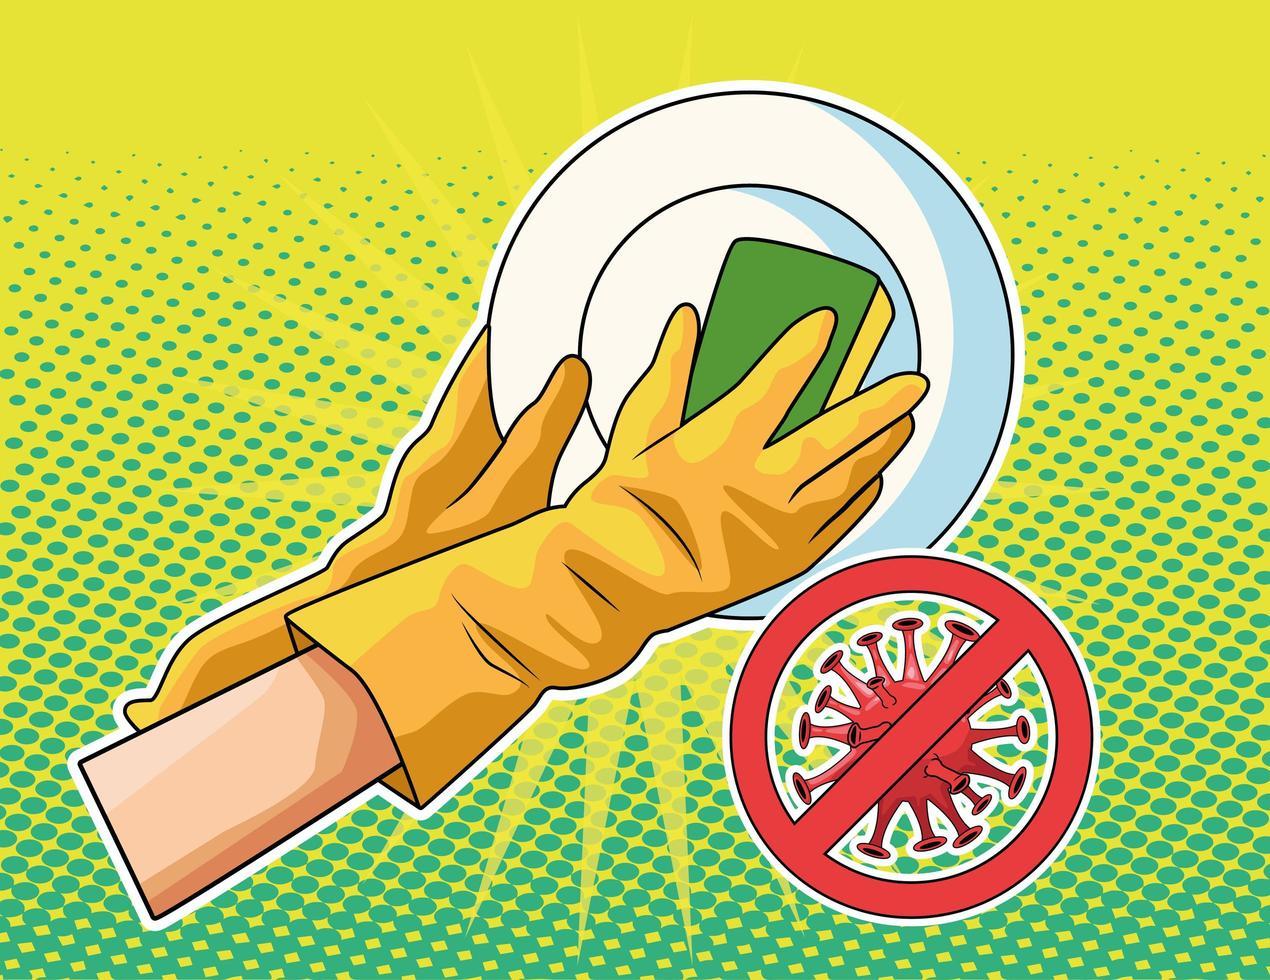 prevenção de utensílios de lavagem vetor